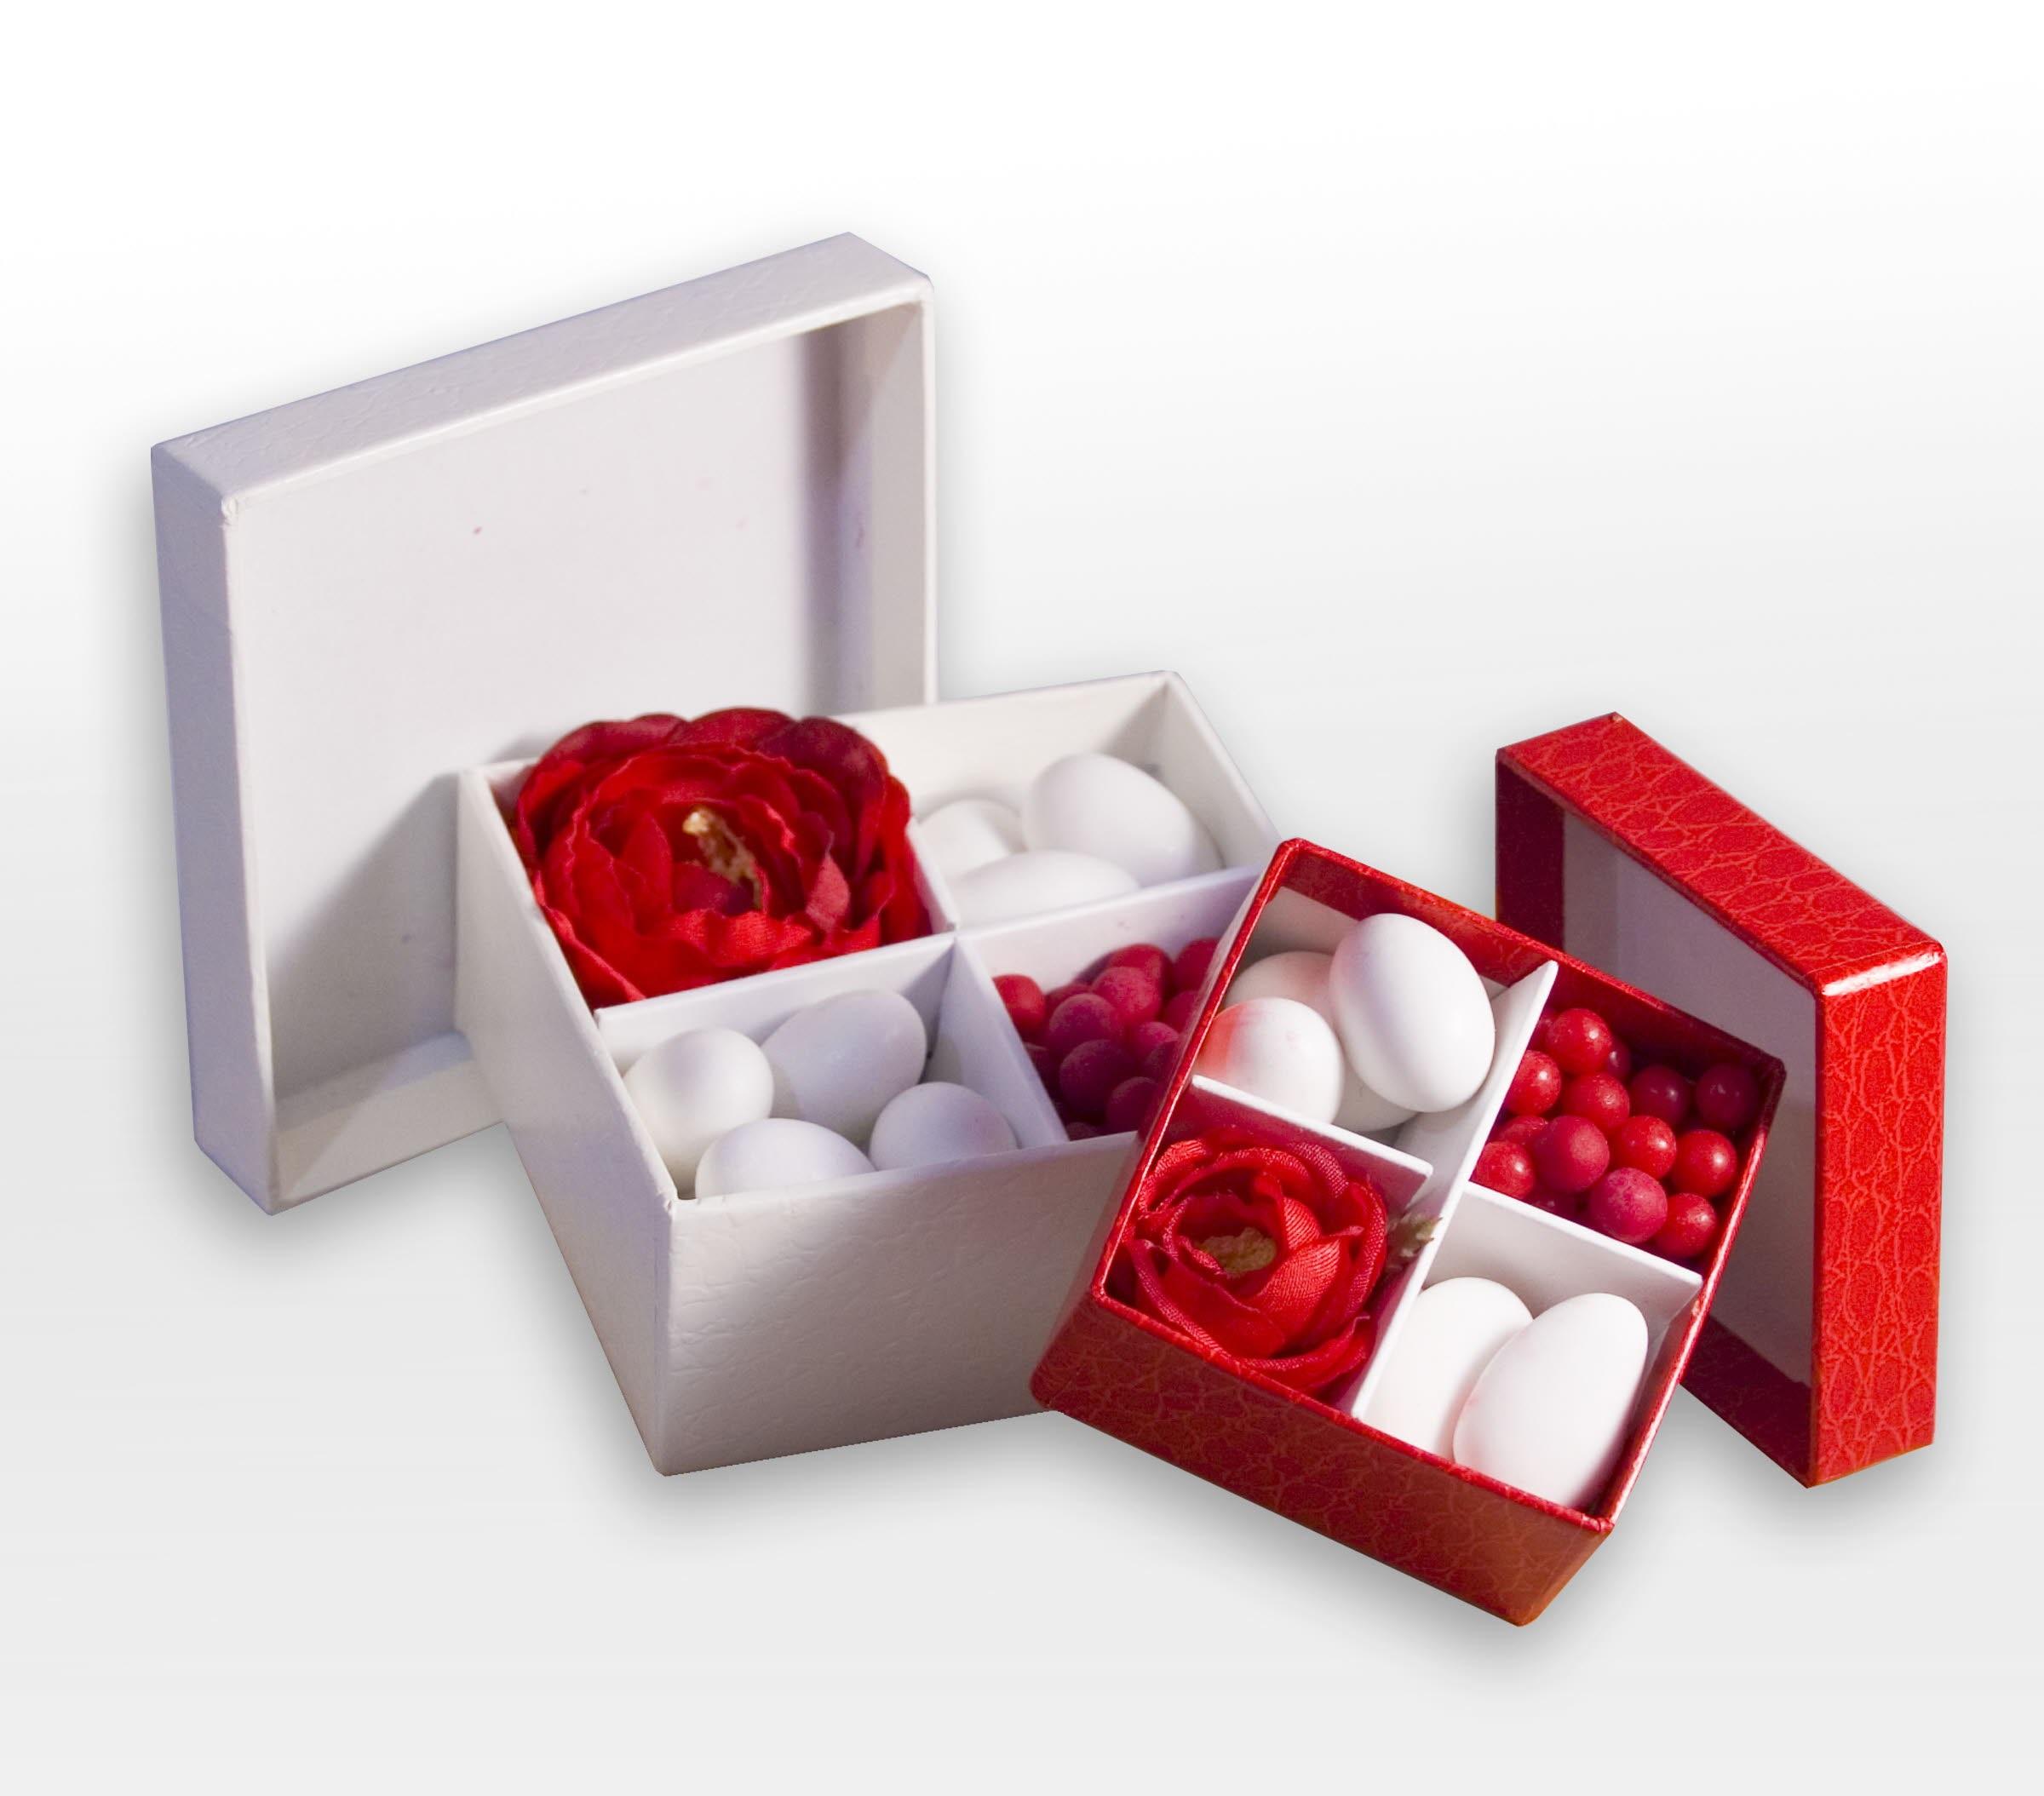 Detalles y regalos para los invitados de tu boda expoboda - Detalles para los invitados de boda ...